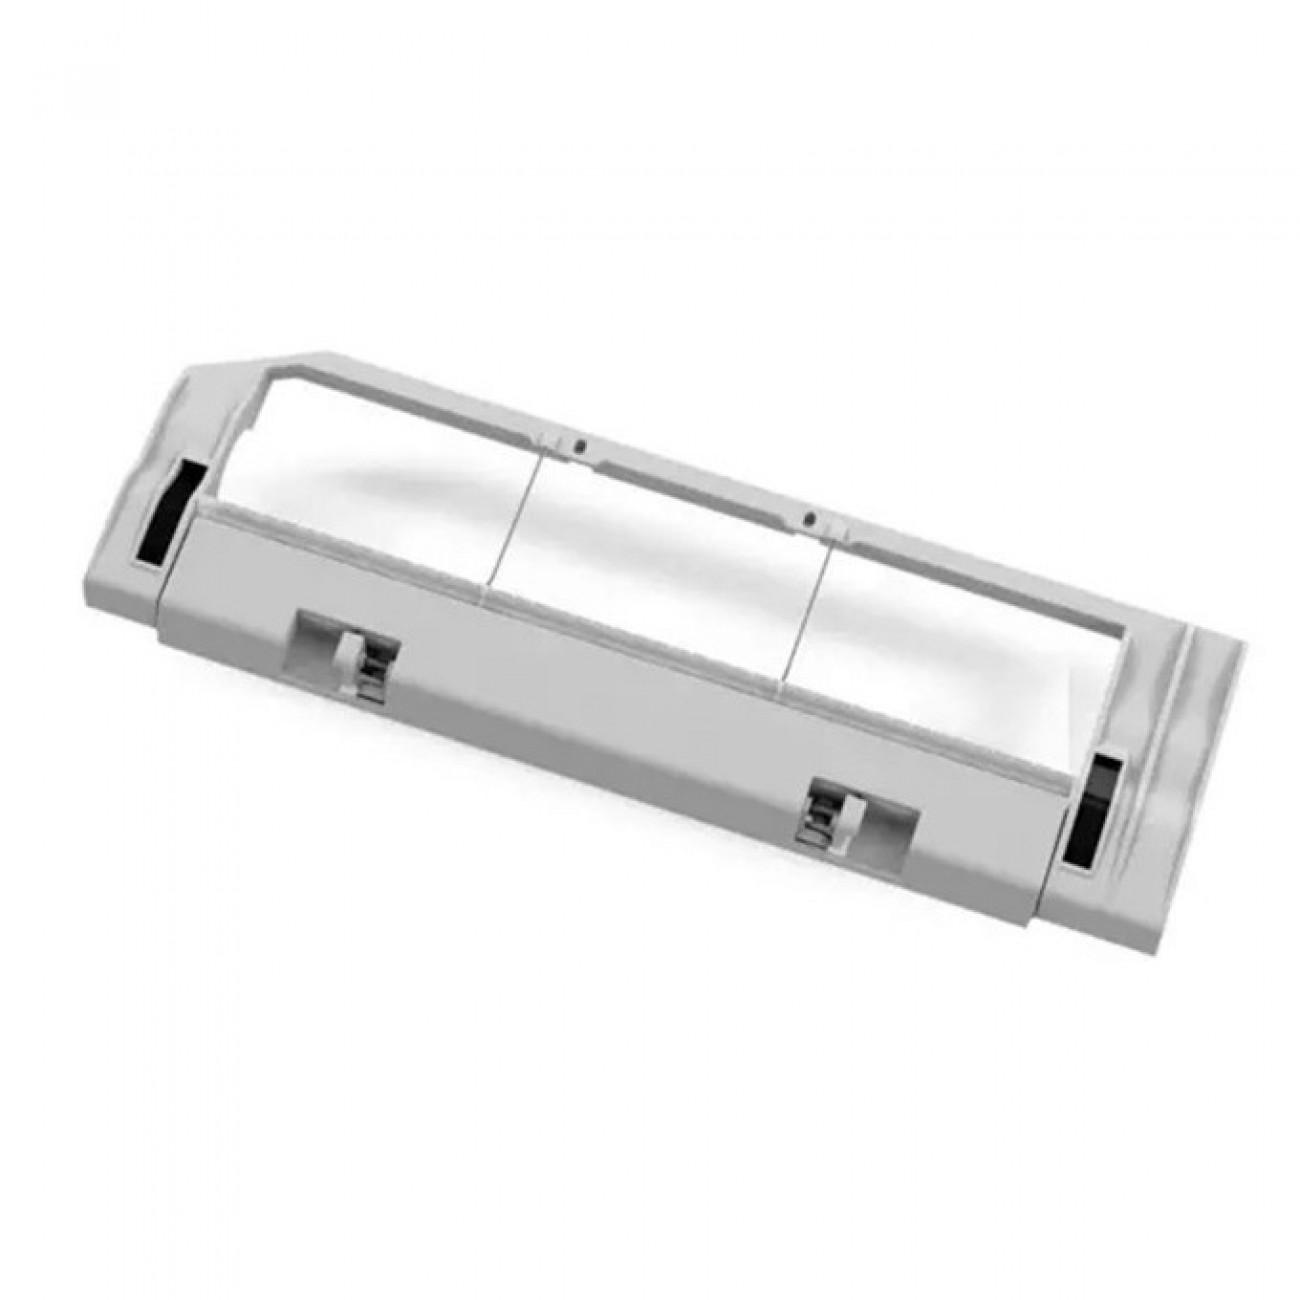 Капак за четка Xiaomi Mi Robot Vacuum Brush Cover в Аксесоари за прахосмукачки - Xiaomi | Alleop